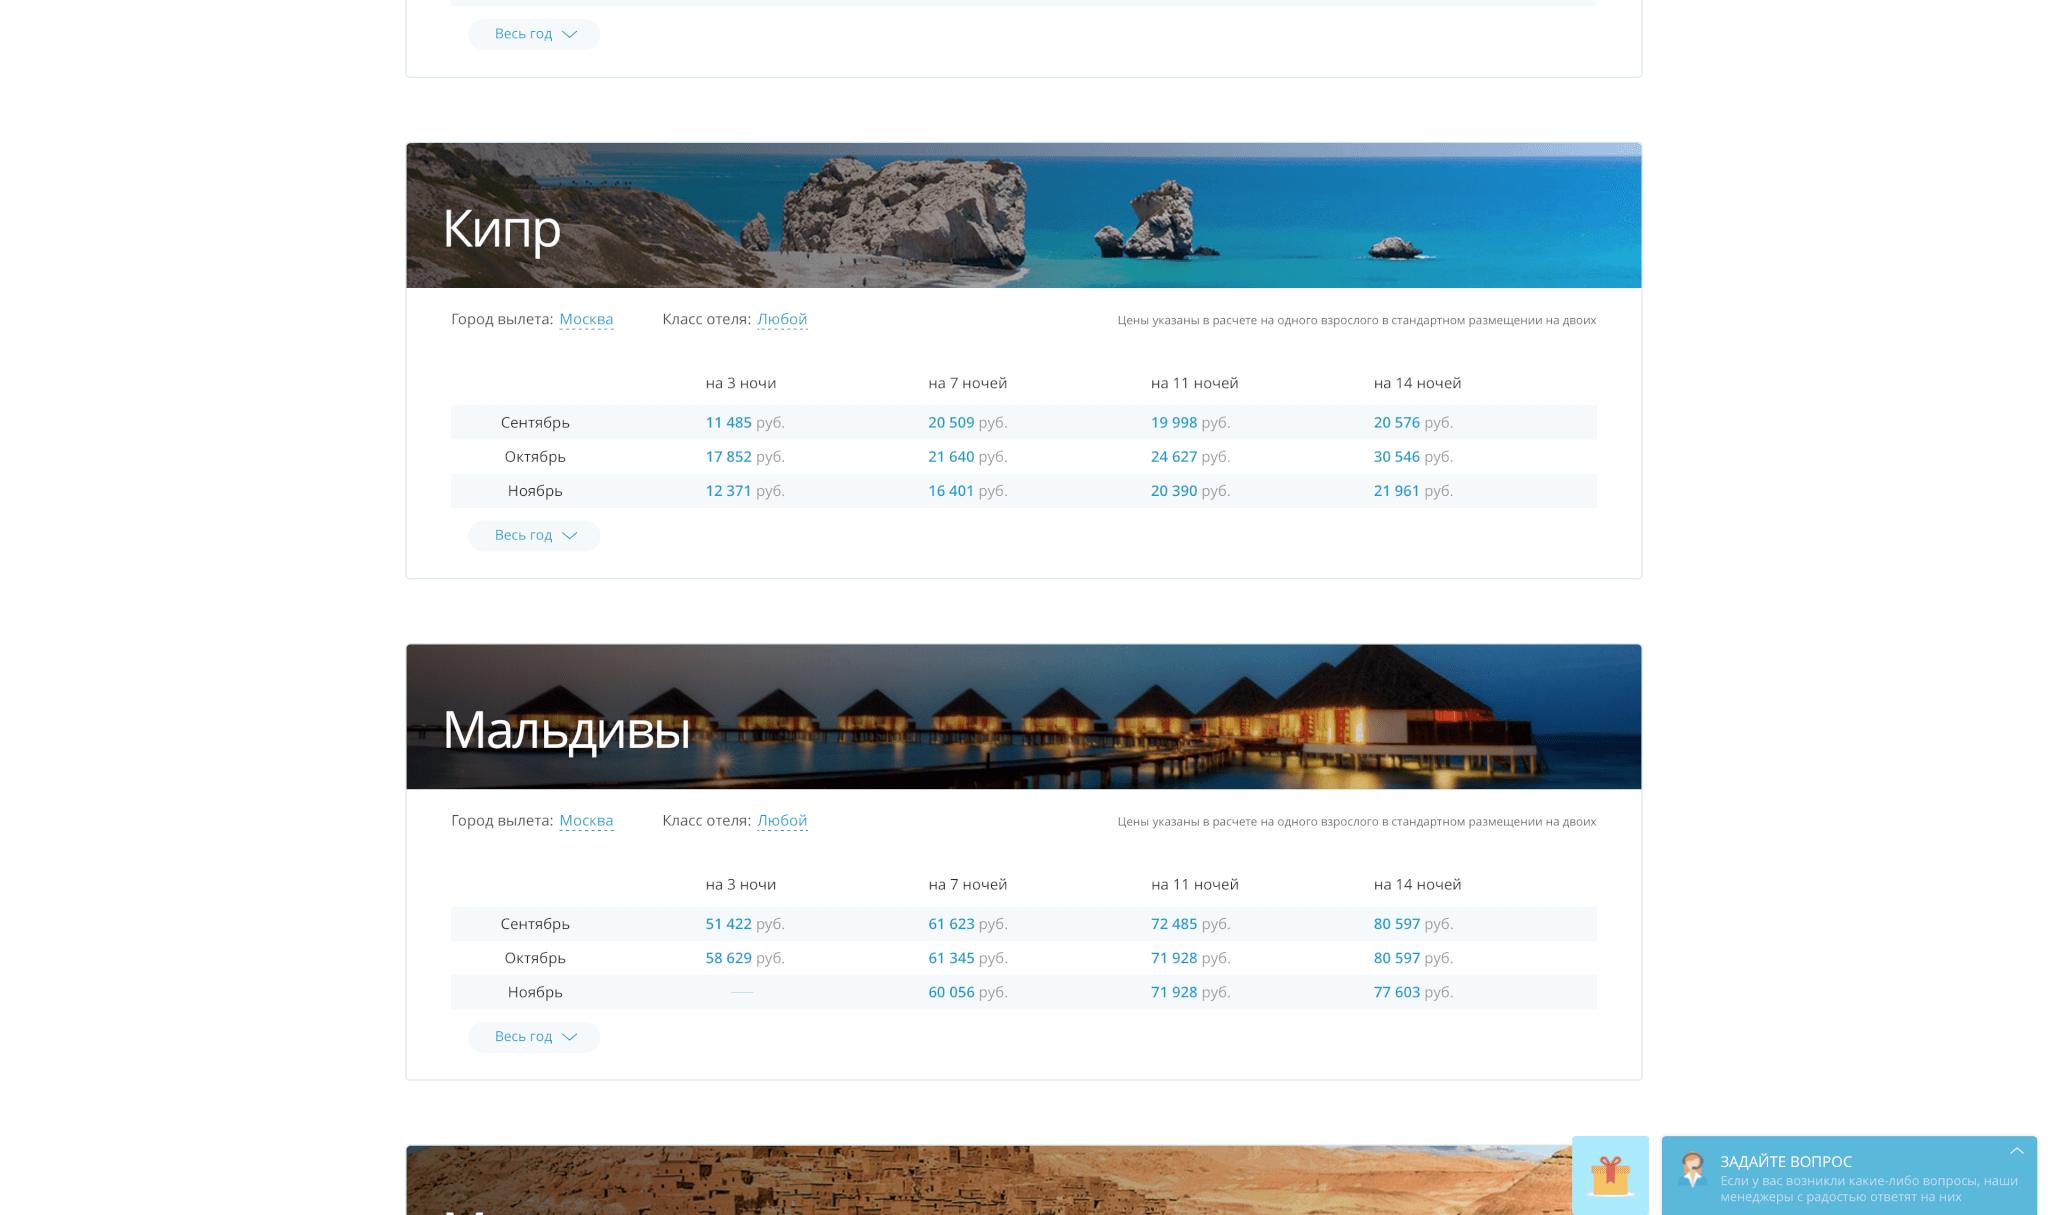 Кипр цены в сентябре